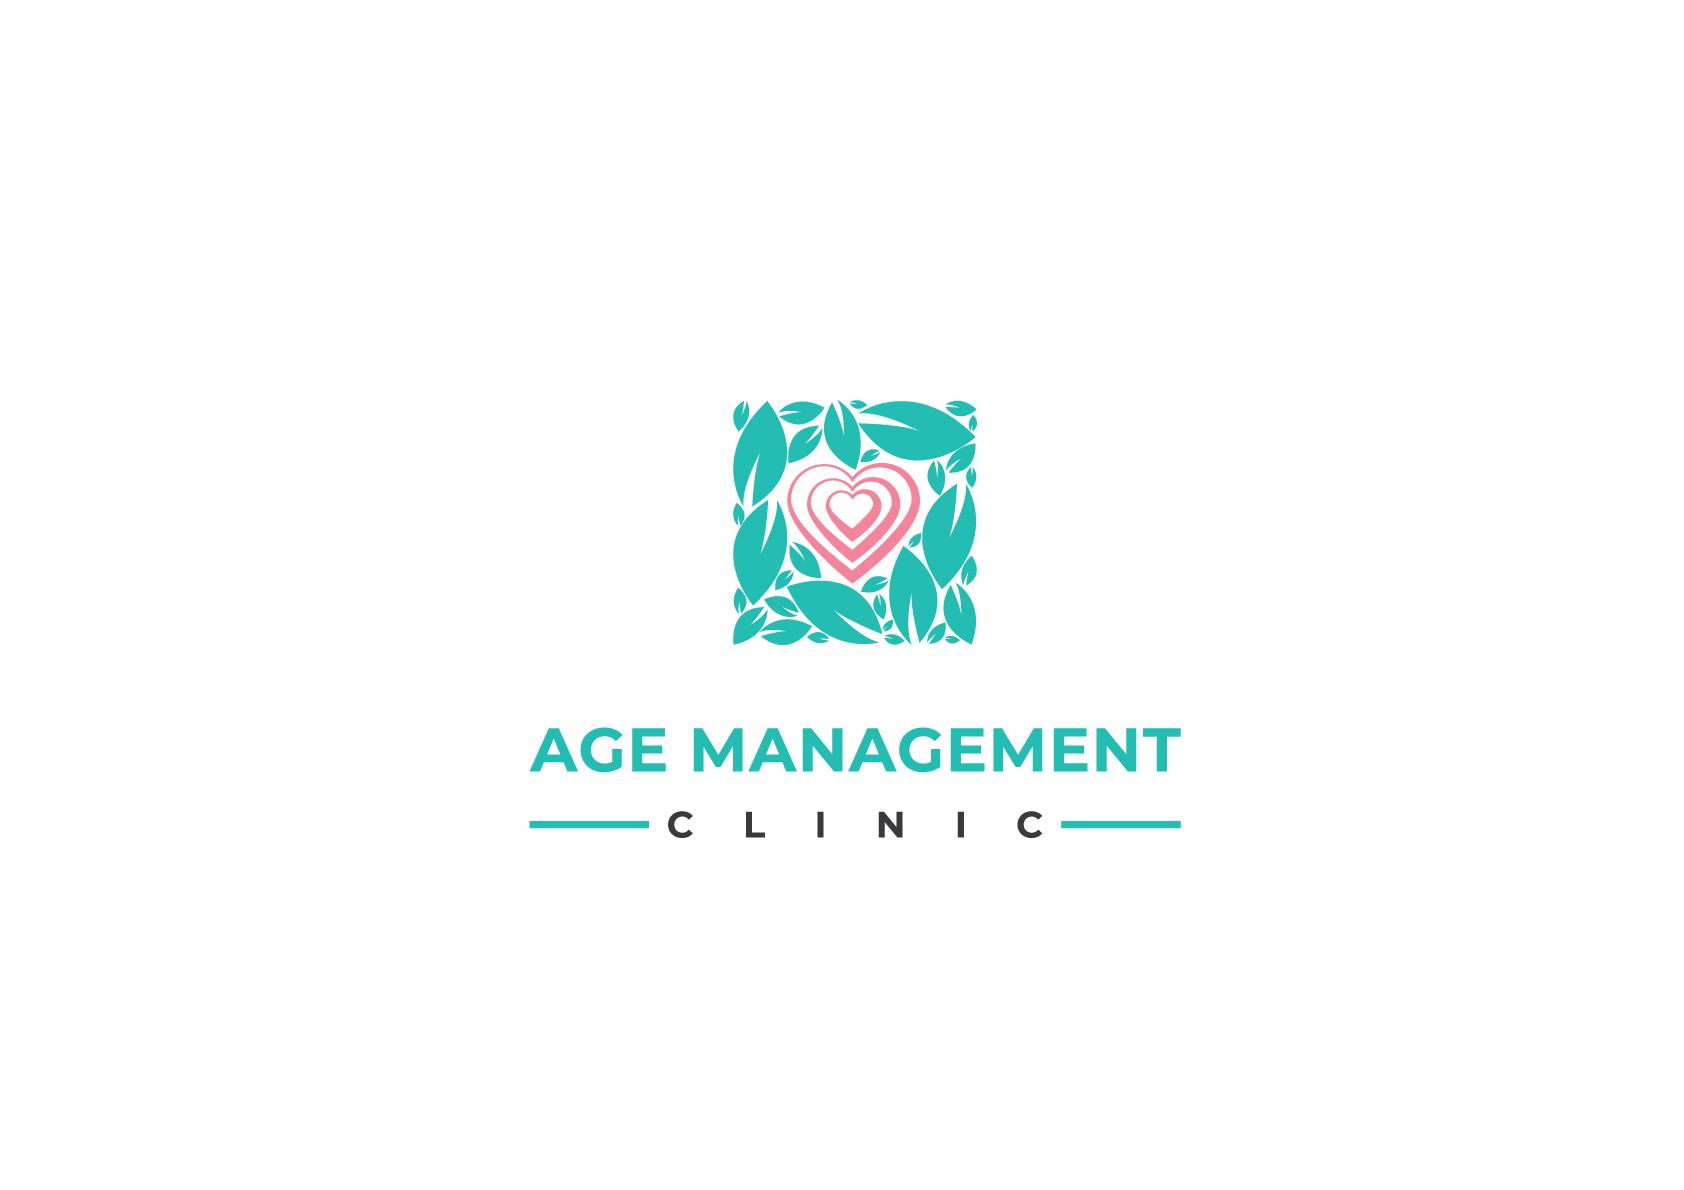 Логотип для медицинского центра (клиники)  фото f_4045b98d2883b504.jpg